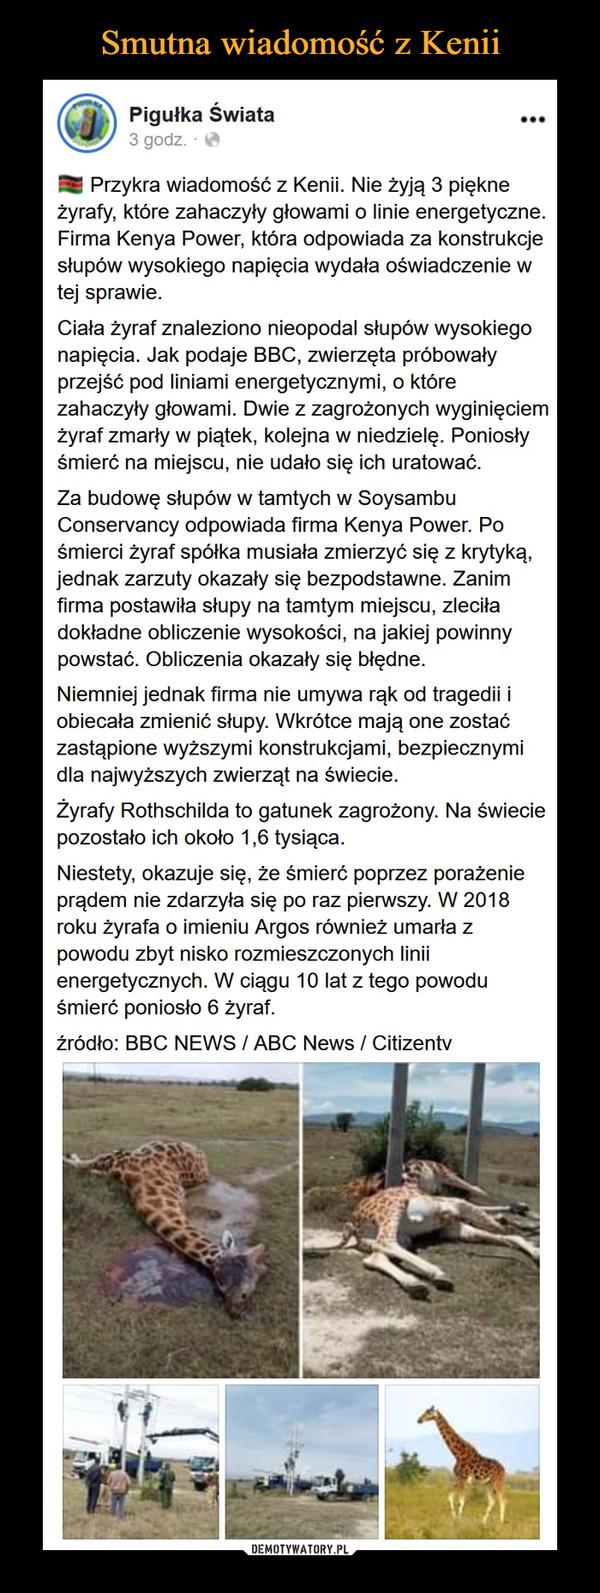 –  Smutna wiadomość z KeniiPigułka Świata3 godz. O...Przykra wiadomość z Kenii. Nie żyją 3 piękneżyrafy, które zahaczyły głowami o linie energetyczne.Firma Kenya Power, która odpowiada za konstrukcjesłupów wysokiego napięcia wydała oświadczenie wtej sprawie.Ciała żyraf znaleziono nieopodal słupów wysokiegonapięcia. Jak podaje BBC, zwierzęta próbowałyprzejść pod liniami energetycznymi, o którezahaczyły głowami. Dwie z zagrożonych wyginięciemżyraf zmarły w piątek, kolejna w niedzielę. Poniosłyśmierć na miejscu, nie udało się ich uratowaćZa budowę słupów w tamtych w SoysambuConservancy odpowiada firma Kenya Power. Pośmierci żyraf spółka musiała zmierzyć się z krytyką,jednak zarzuty okazały się bezpodstawne. Zanimfirma postawiła słupy na tamtym miejscu, zleciładokładne obliczenie wysokości, na jakiej powinnypowstać. Obliczenia okazały się błędne.Niemniej jednak firma nie umywa rąk od tragedii iobiecała zmienić słupy. Wkrótce mają one zostaćzastąpione wyższymi konstrukcjami, bezpiecznymidla najwyższych zwierząt na świecie.Żyrafy Rothschilda to gatunek zagrożony. Na świeciepozostało ich około 1,6 tysiąca.Niestety, okazuje się, że śmierć poprzez porażenieprądem nie zdarzyła się po raz pierwszy. W 2018roku żyrafa o imieniu Argos również umarła zpowodu zbyt nisko rozmieszczonych liniienergetycznych. W ciągu 10 lat z tego powoduśmierć poniosło 6 żyraf.źródło: BBC NEWS / ABC News / CitizentvDEMOTYWATORY.PL